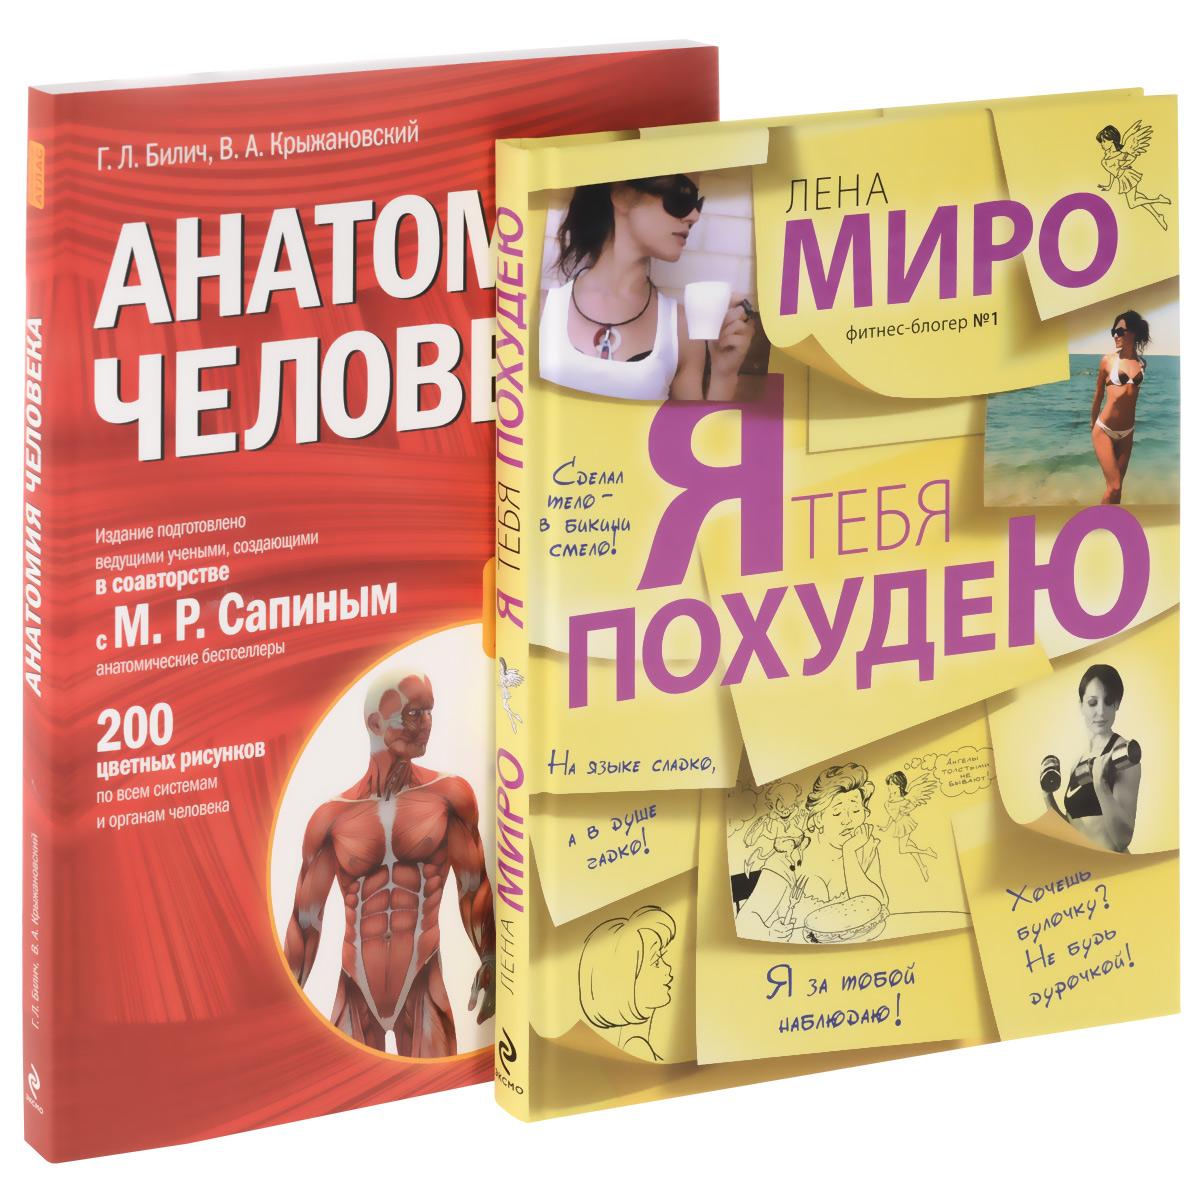 Книги Настраивающие На Похудение.